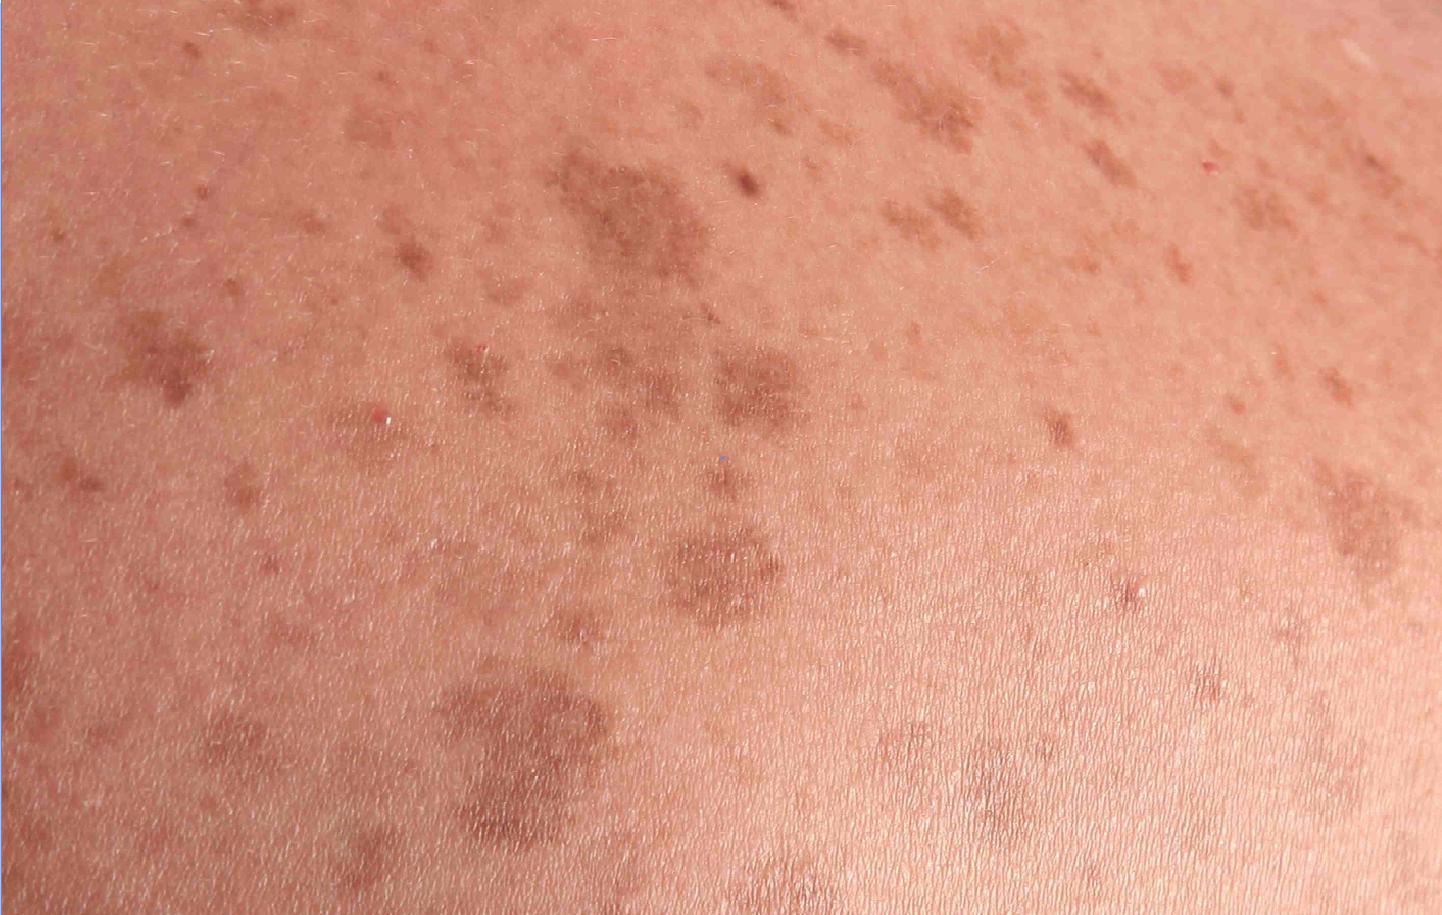 Poikiloderma of Civatte - Dermatopedia